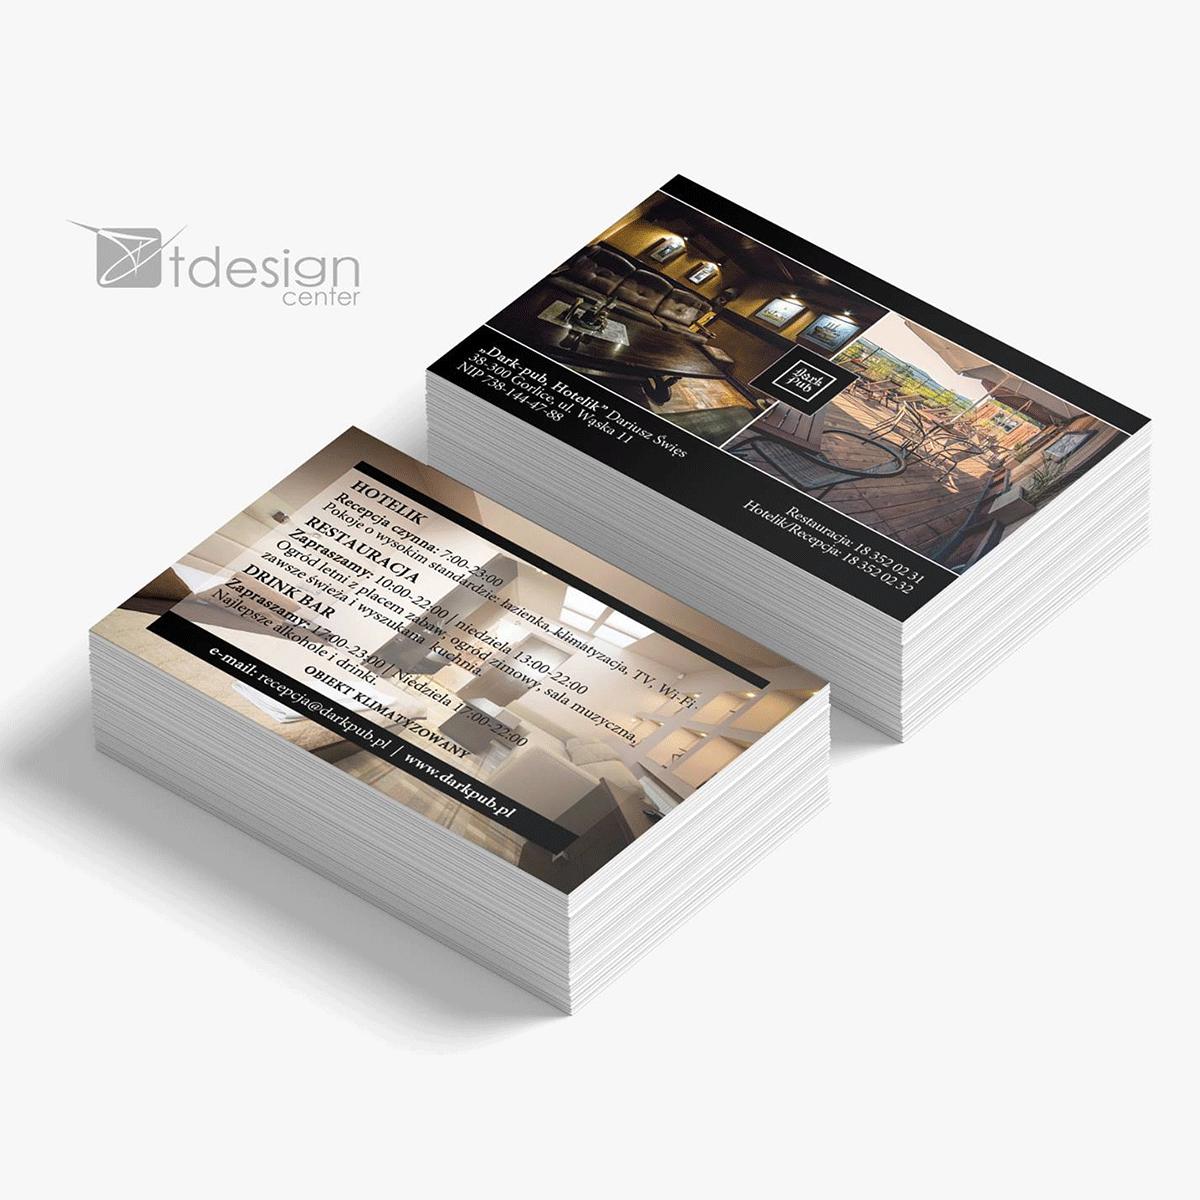 Wizytówka 85x55mm, projekt + druk, realizacja dla restauracji Dark Pub w Gorlicach